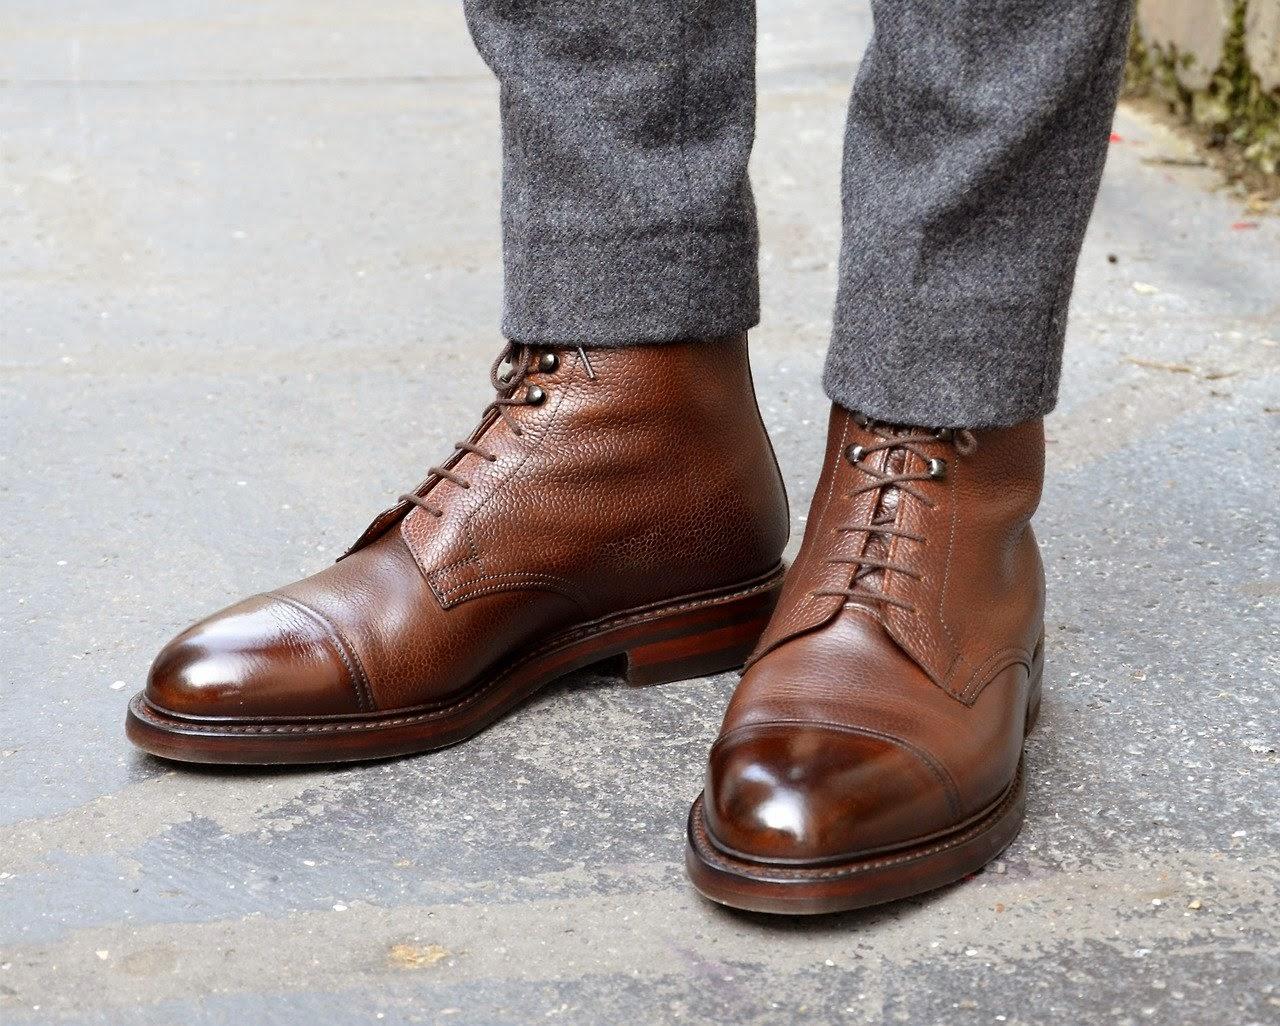 chaussures   faites le choix du chic et de l u0026 39  u00e9l u00e9gance